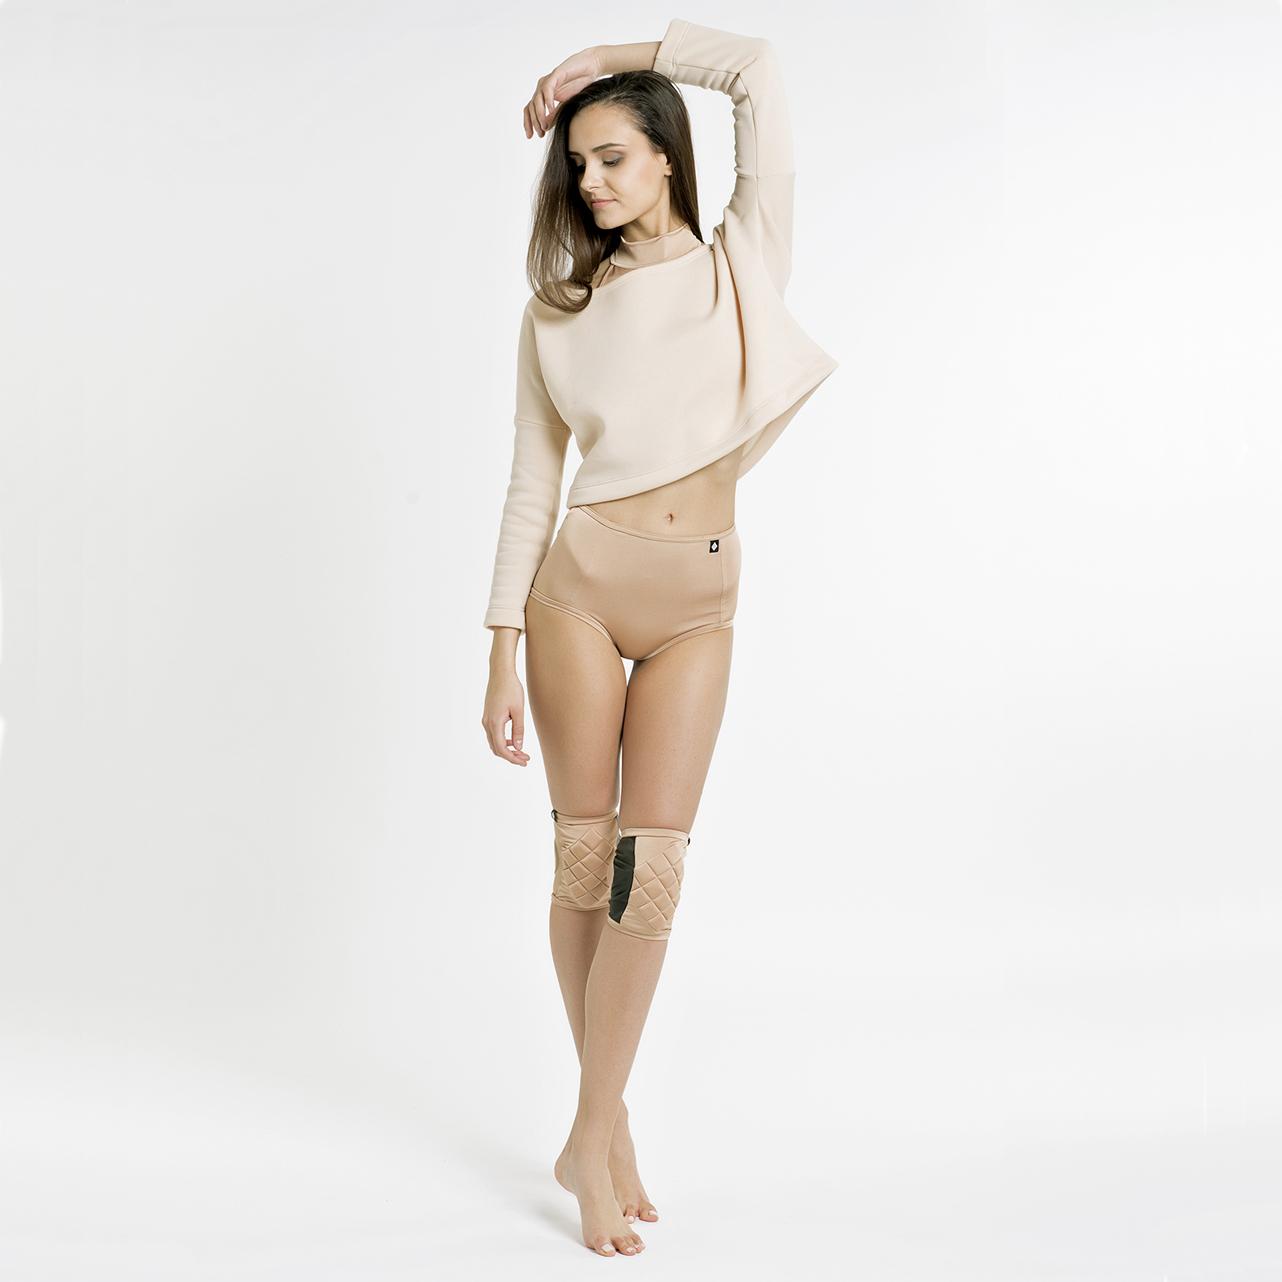 poledancerka-nude-set-knee-pads.jpg